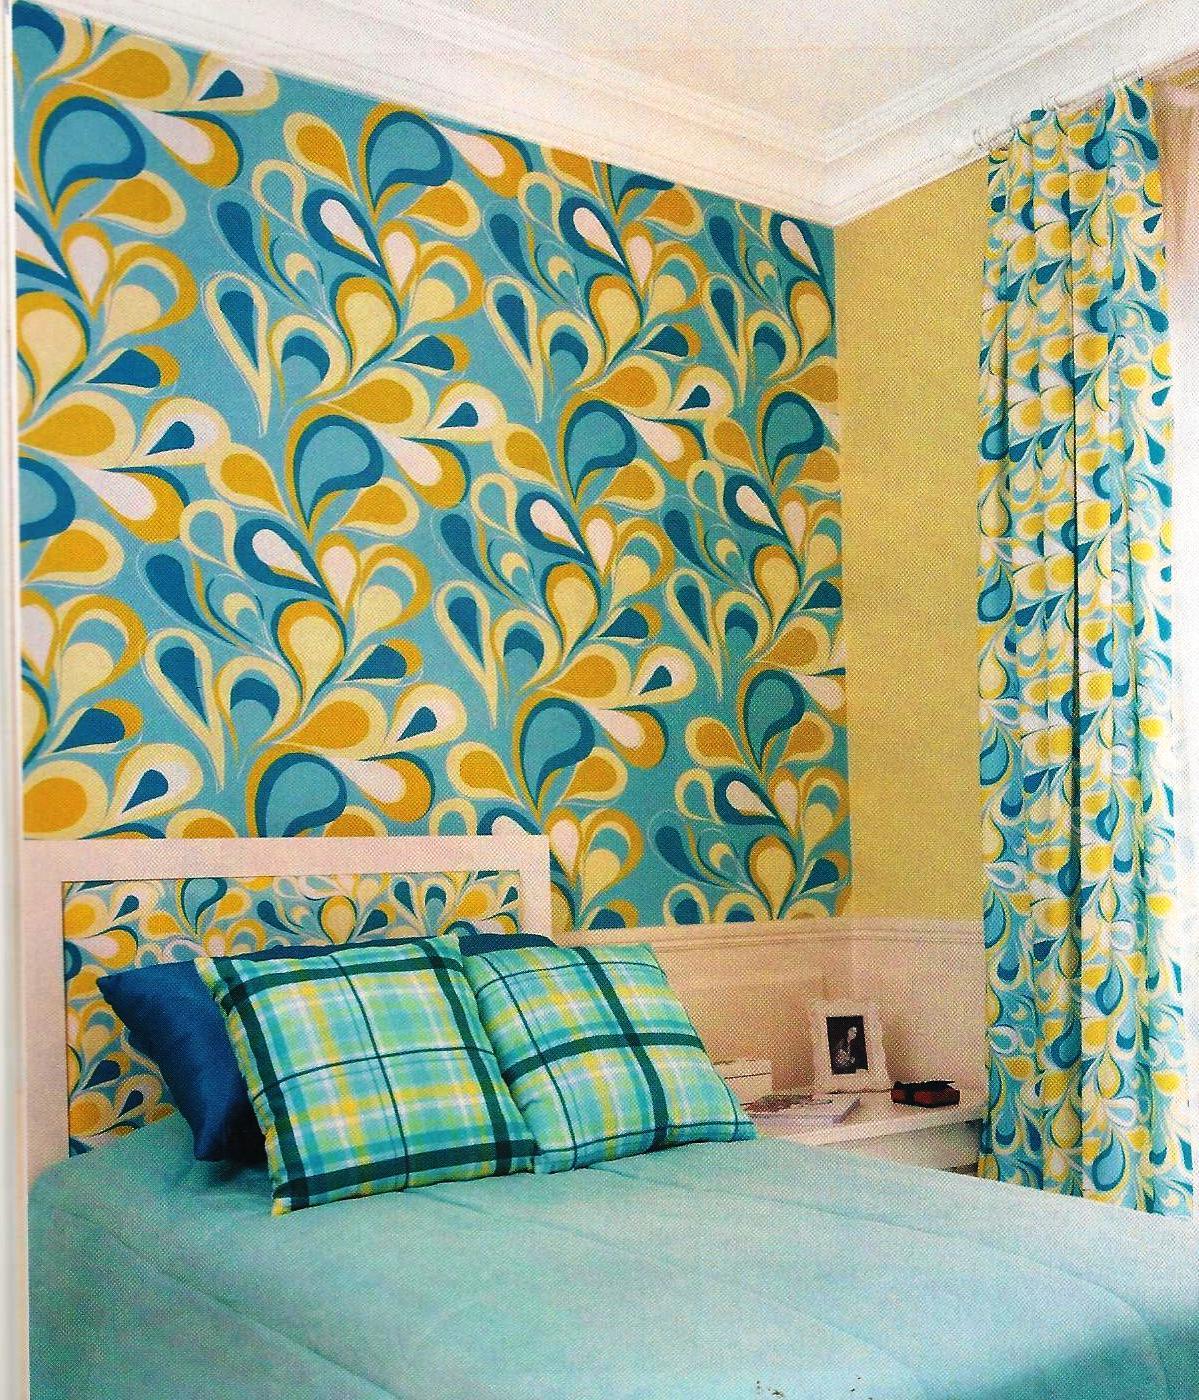 decoracao-com-tecido-para-parede-em-quartos-4.jpg